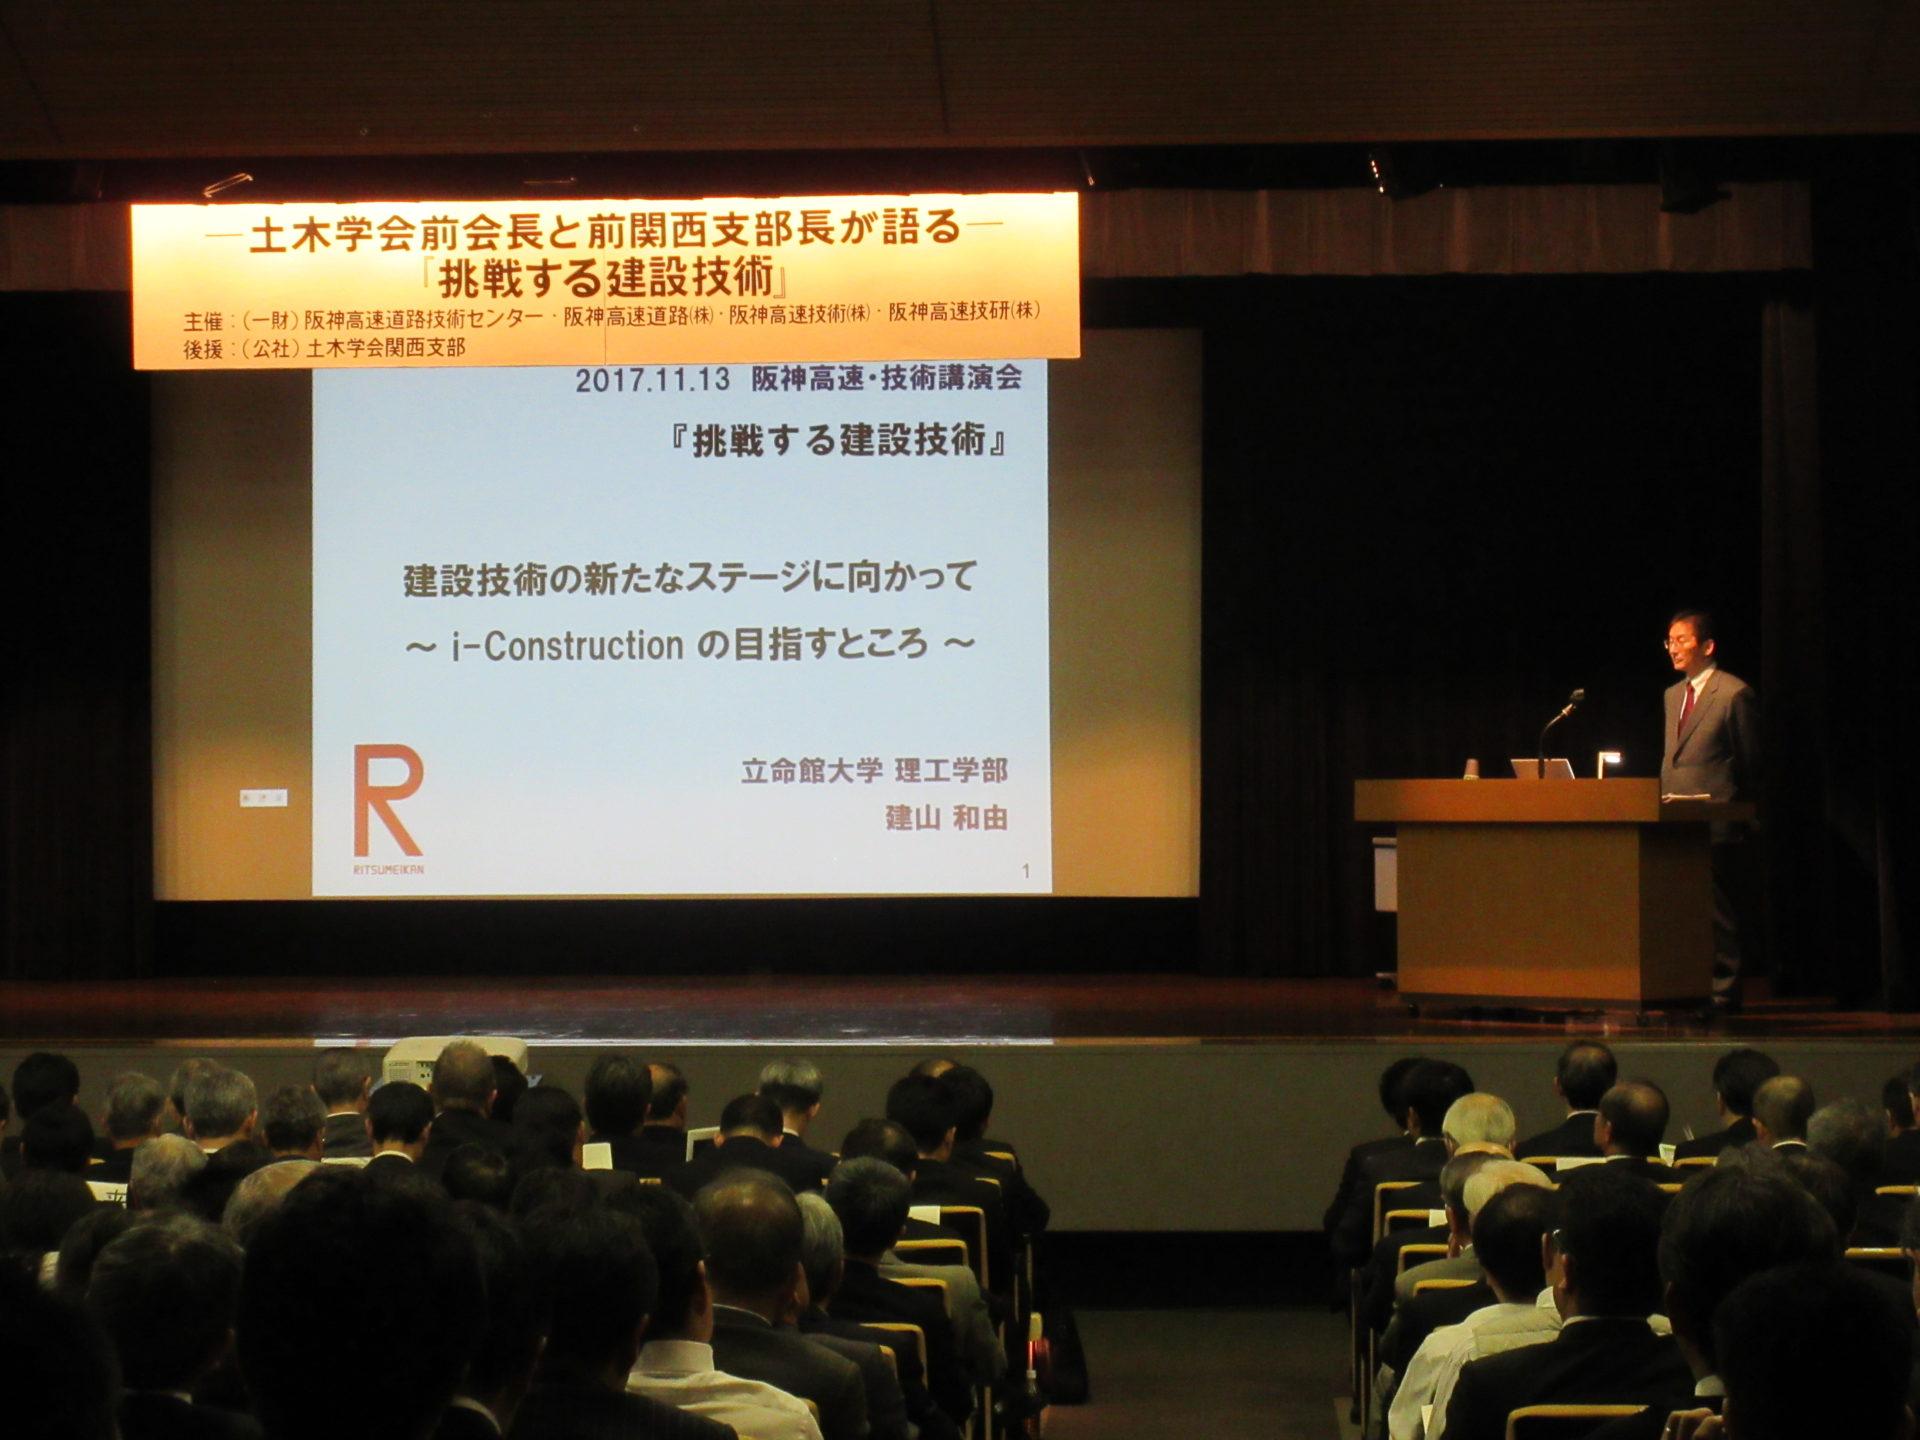 技術講演会『挑戦する建設技術』